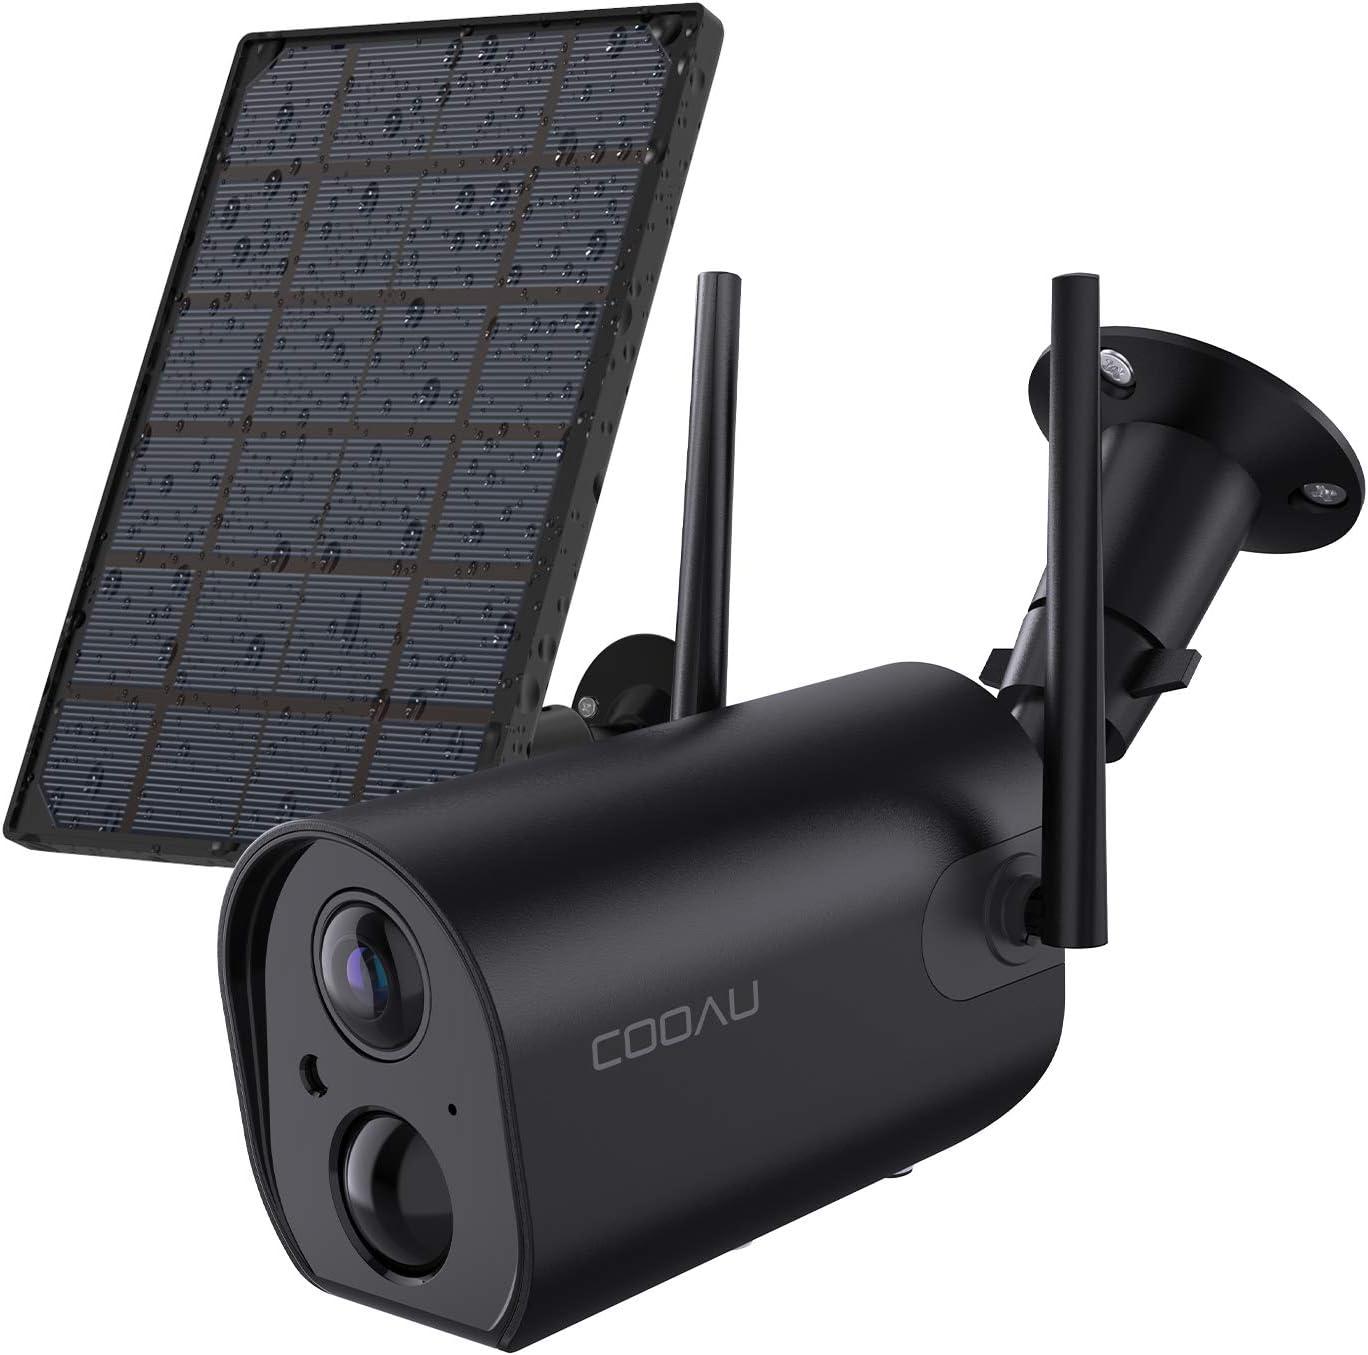 COOAU 15000mAh Akku Überwachungskamera mit Solarpanel - Überwachungskamera außen